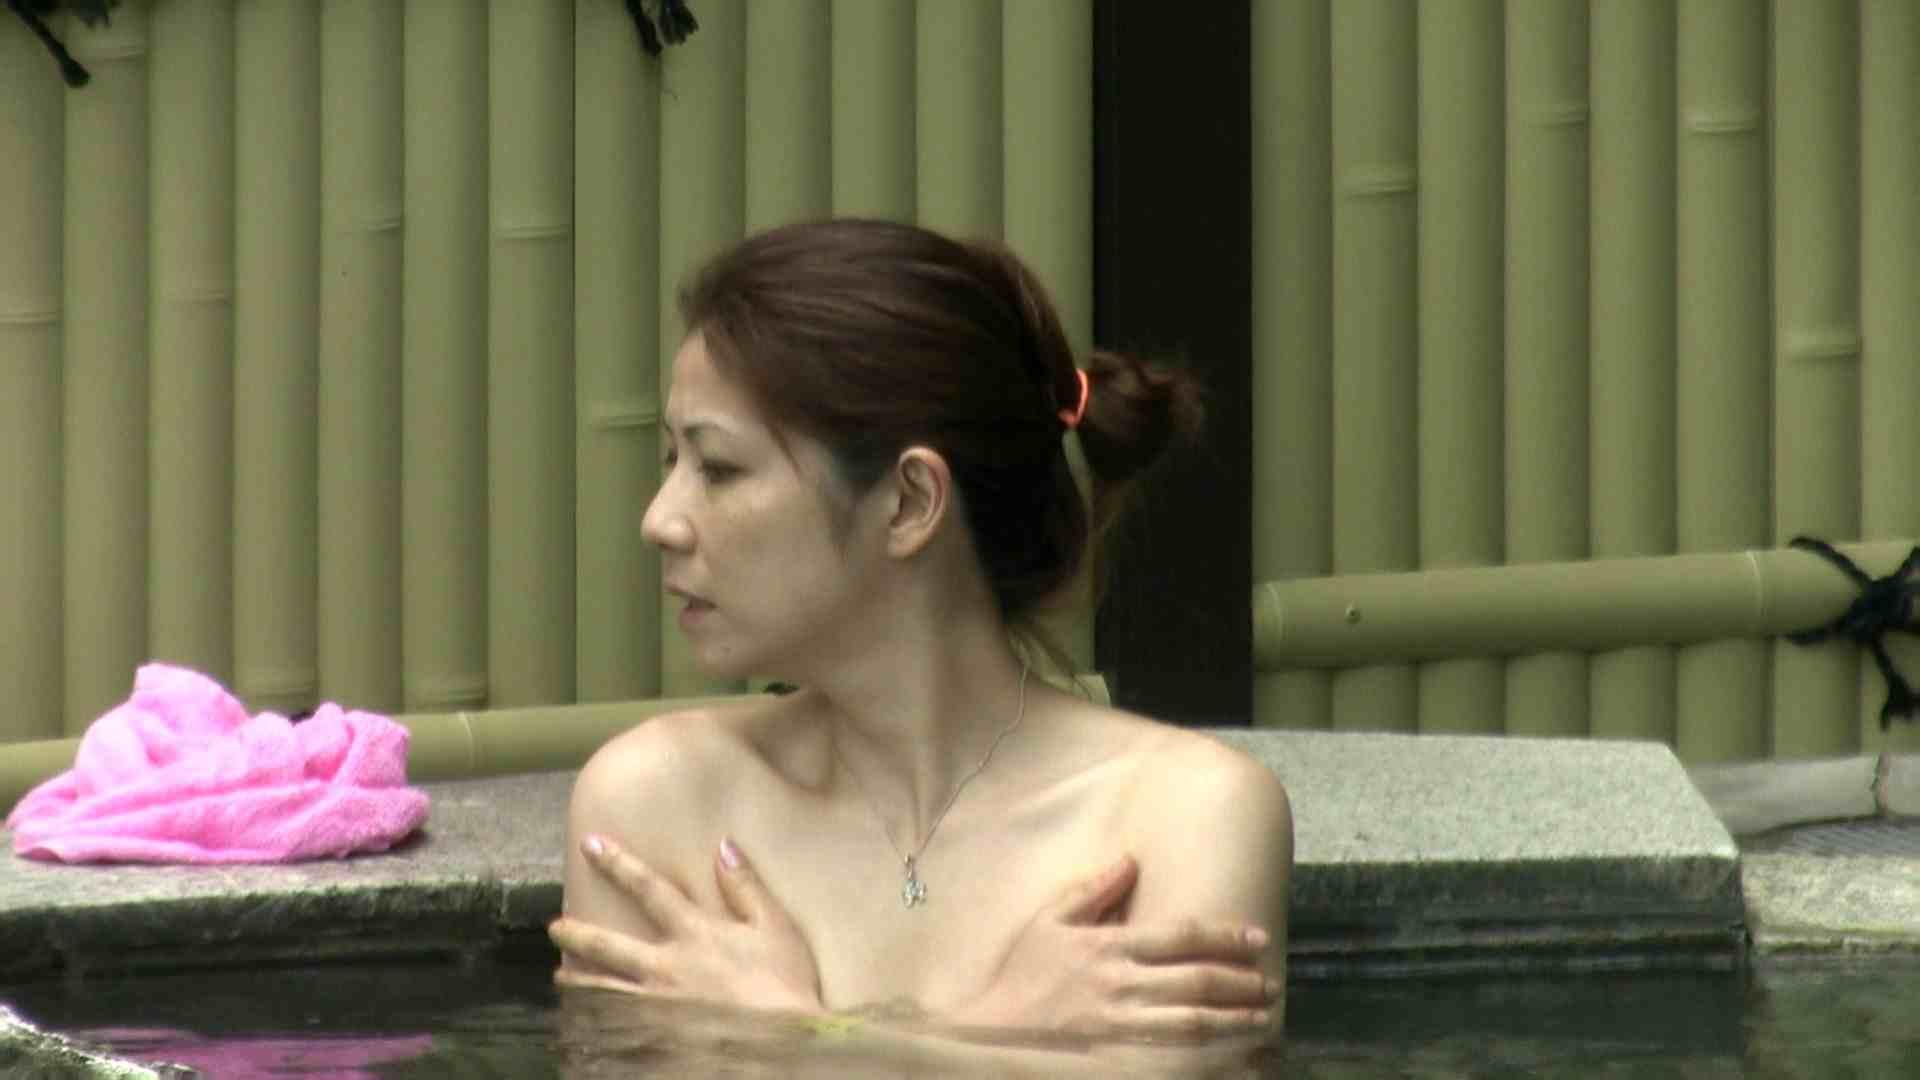 Aquaな露天風呂Vol.660 女体盗撮 隠し撮りおまんこ動画流出 59連発 2